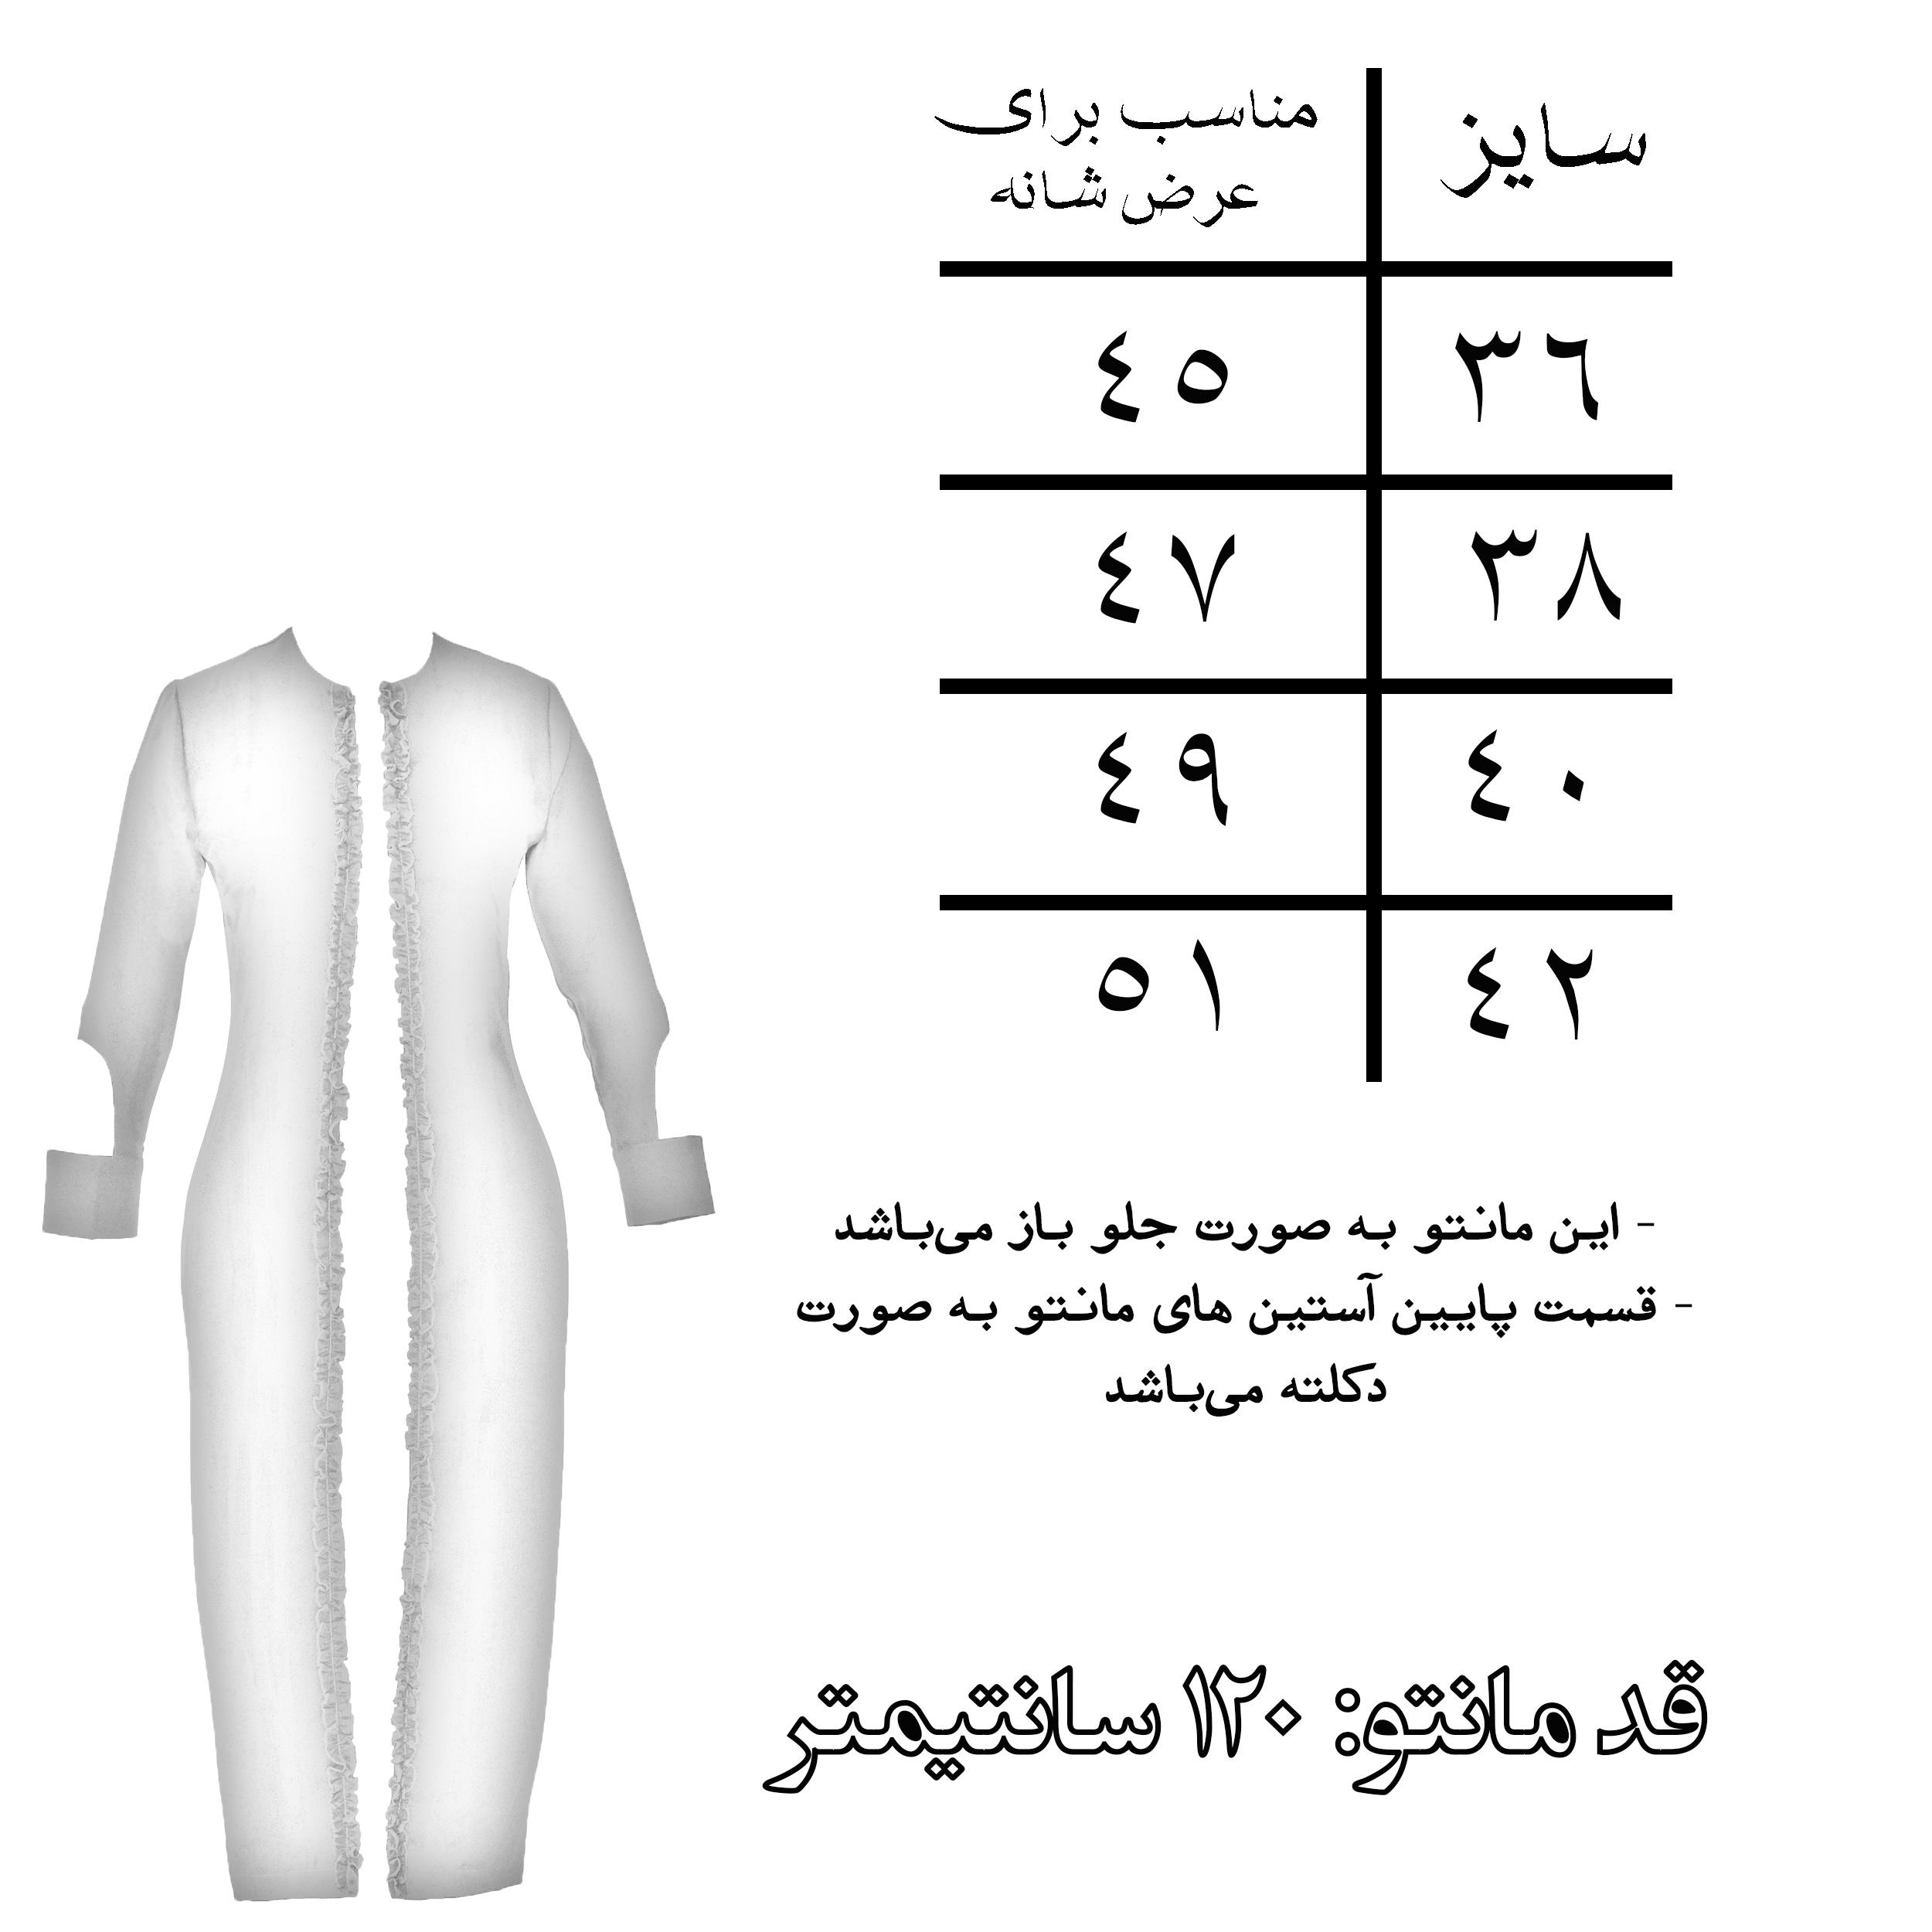 مانتو زنانه مدل فریماه کد 0022 رنگ کالباسی